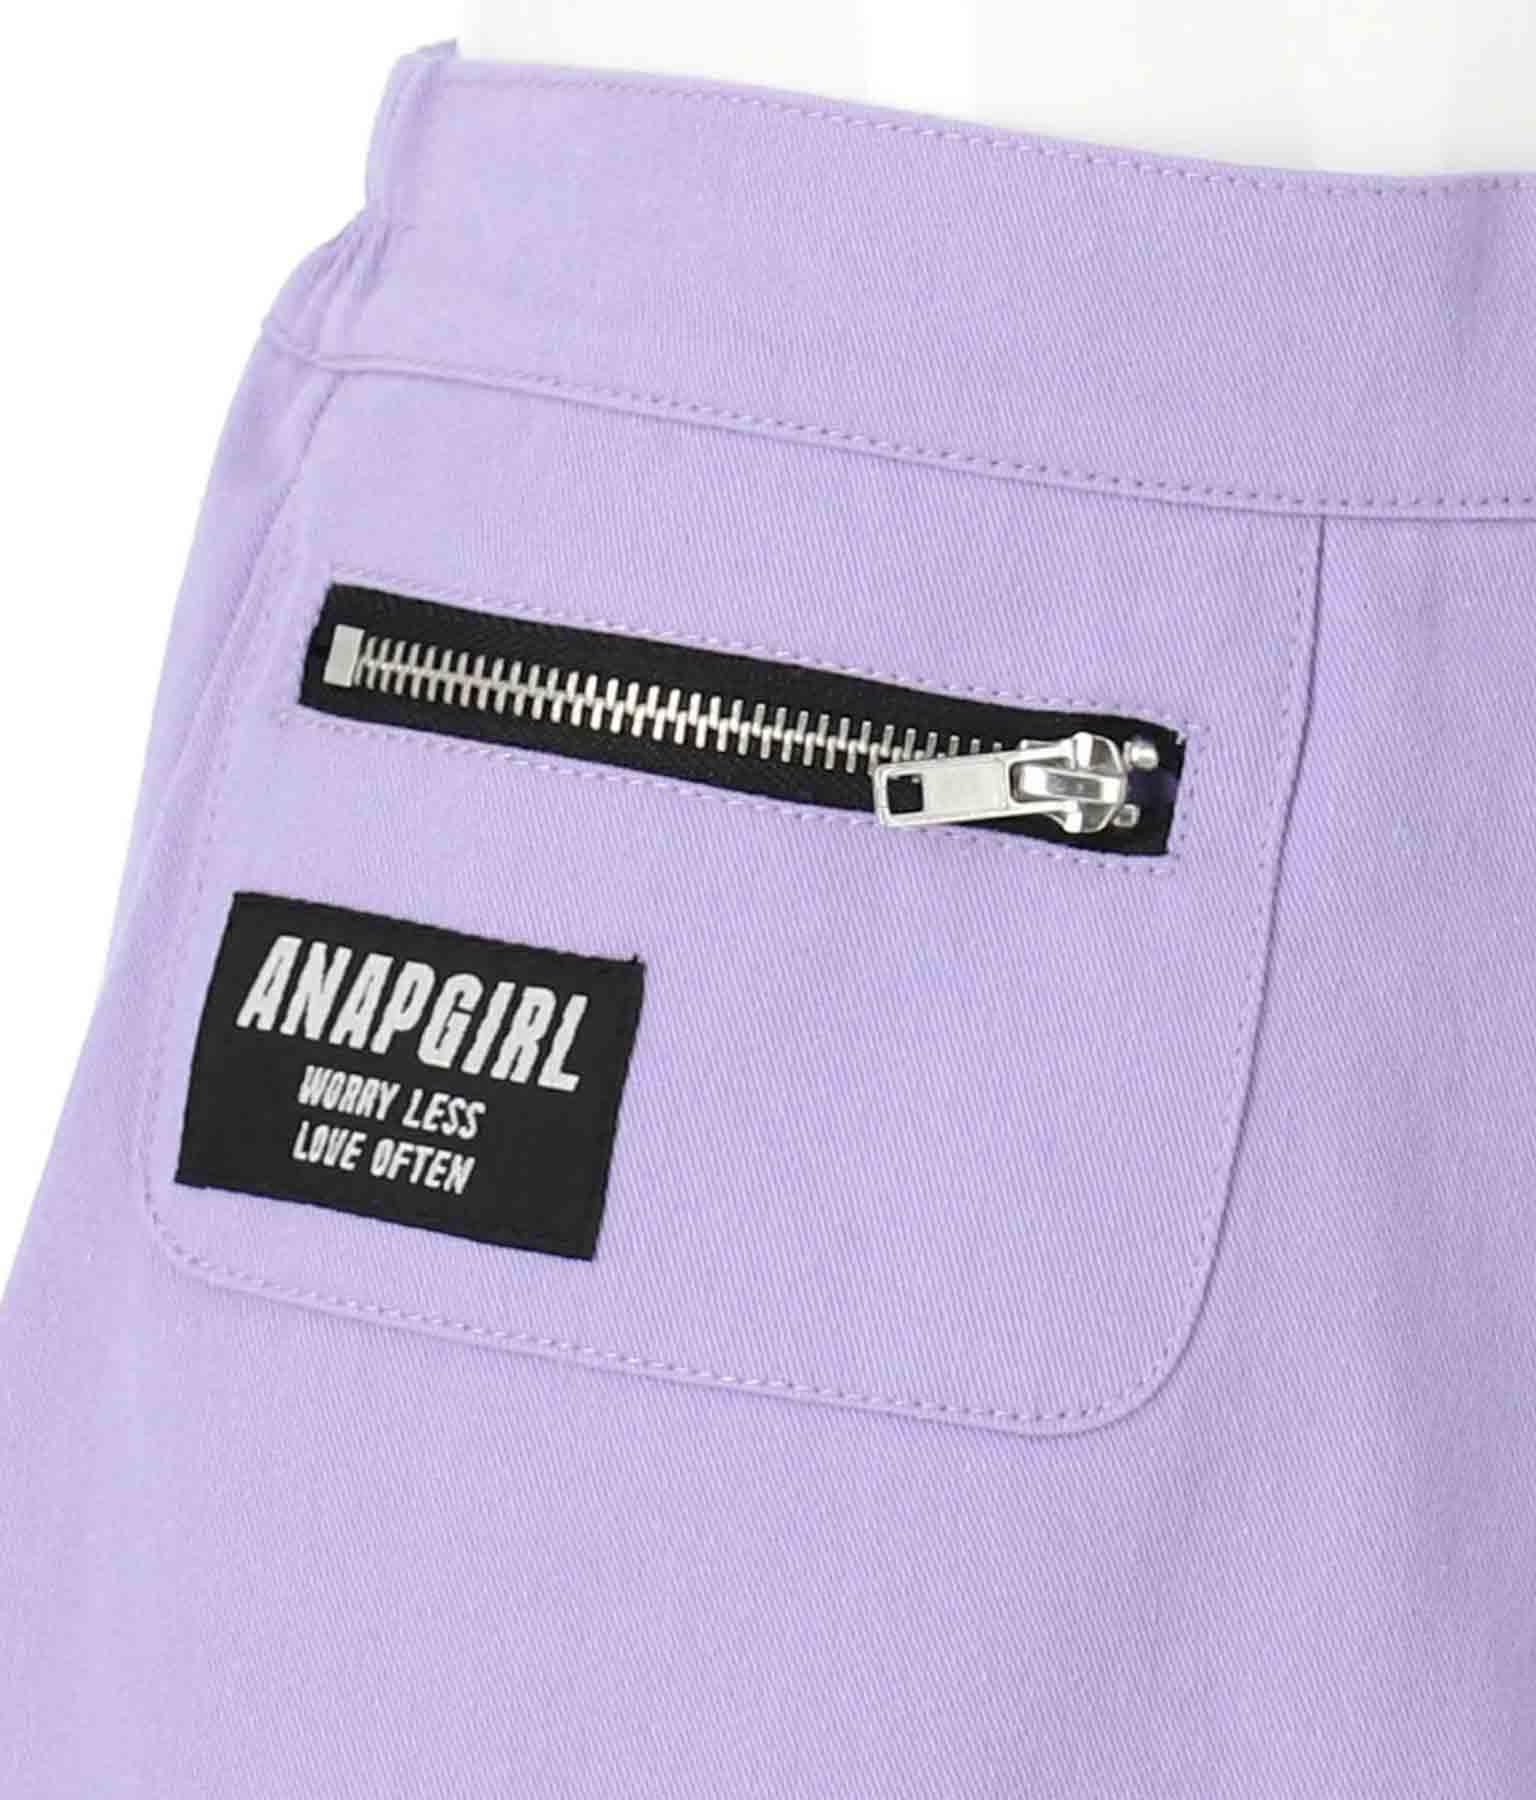 ジップポケット付スカパン(ボトムス・パンツ /ショートパンツ) | ANAP GiRL